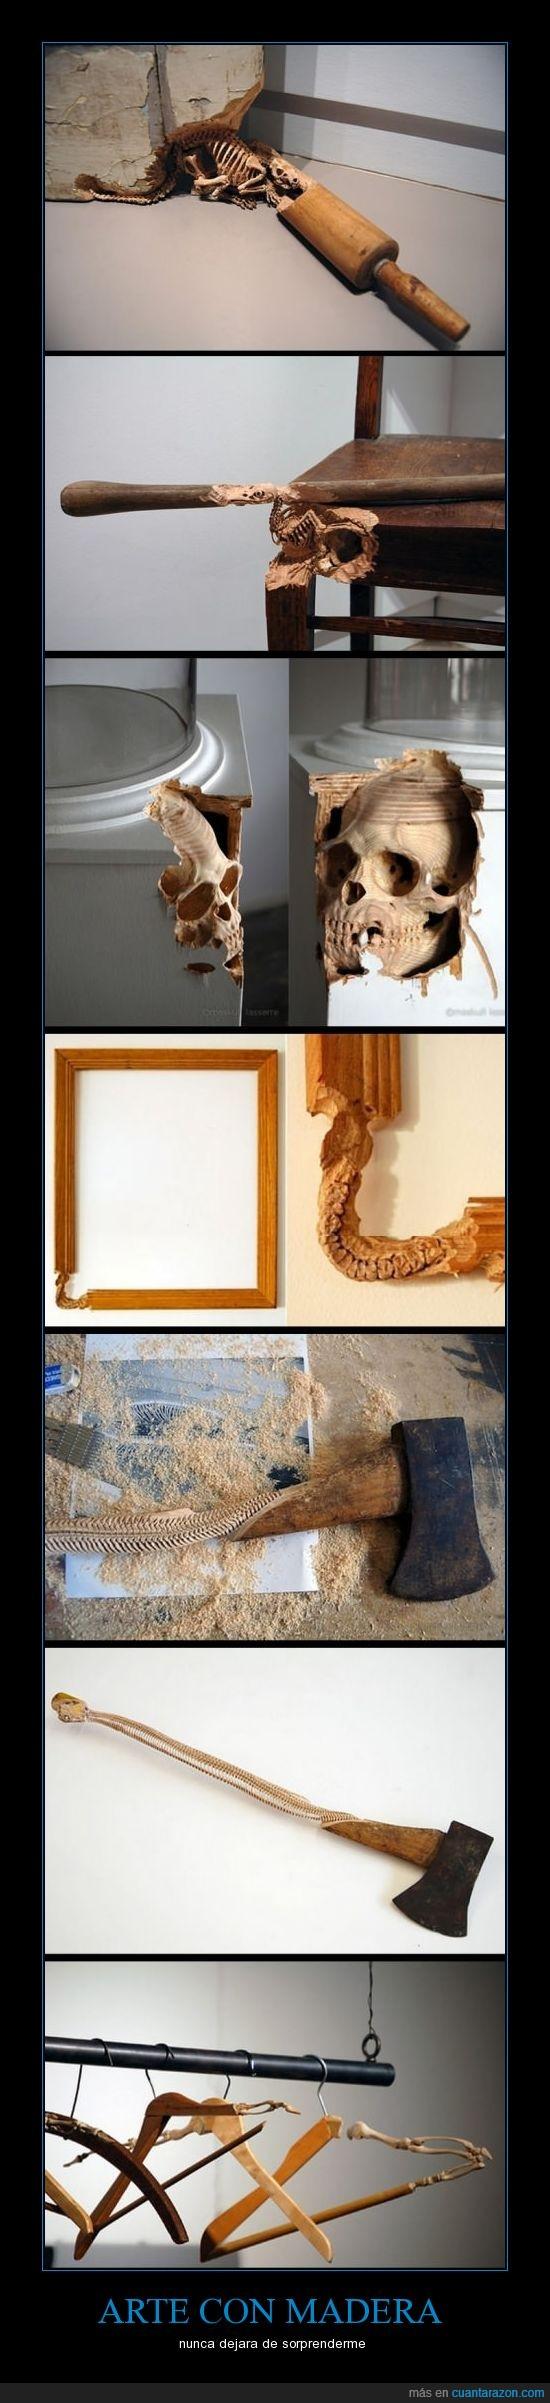 arte,huesos,madera